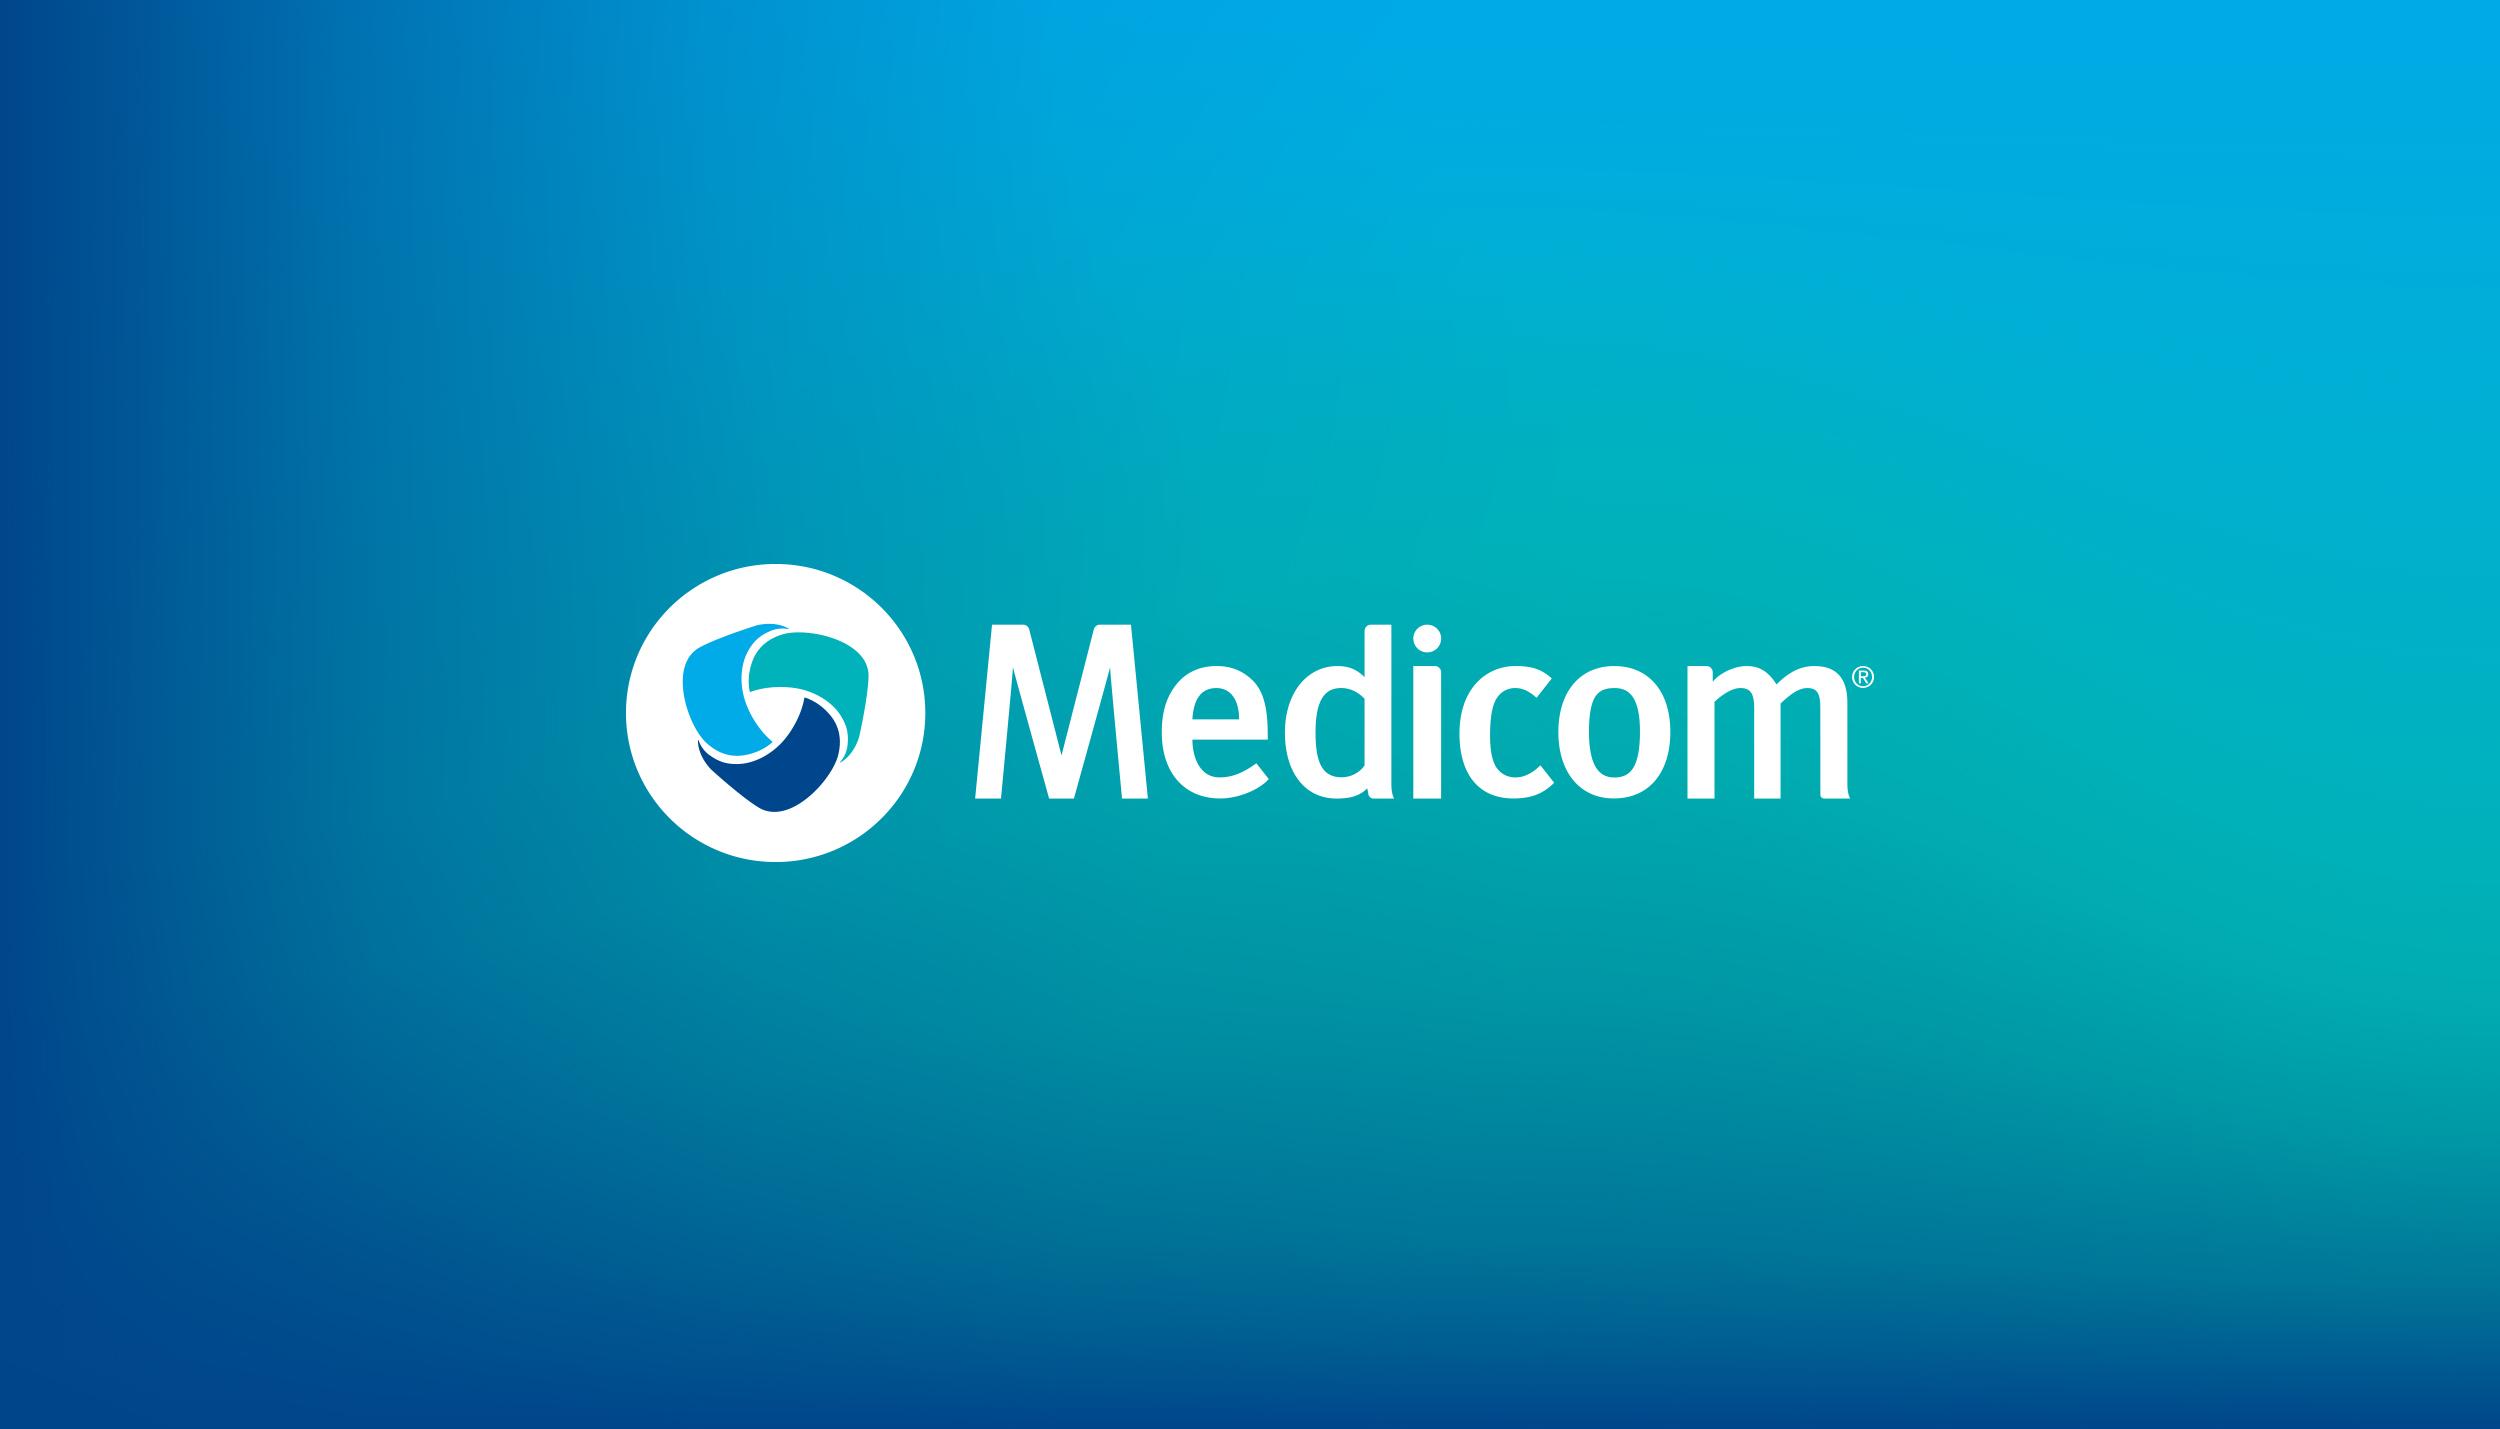 medicom_logo.jpg